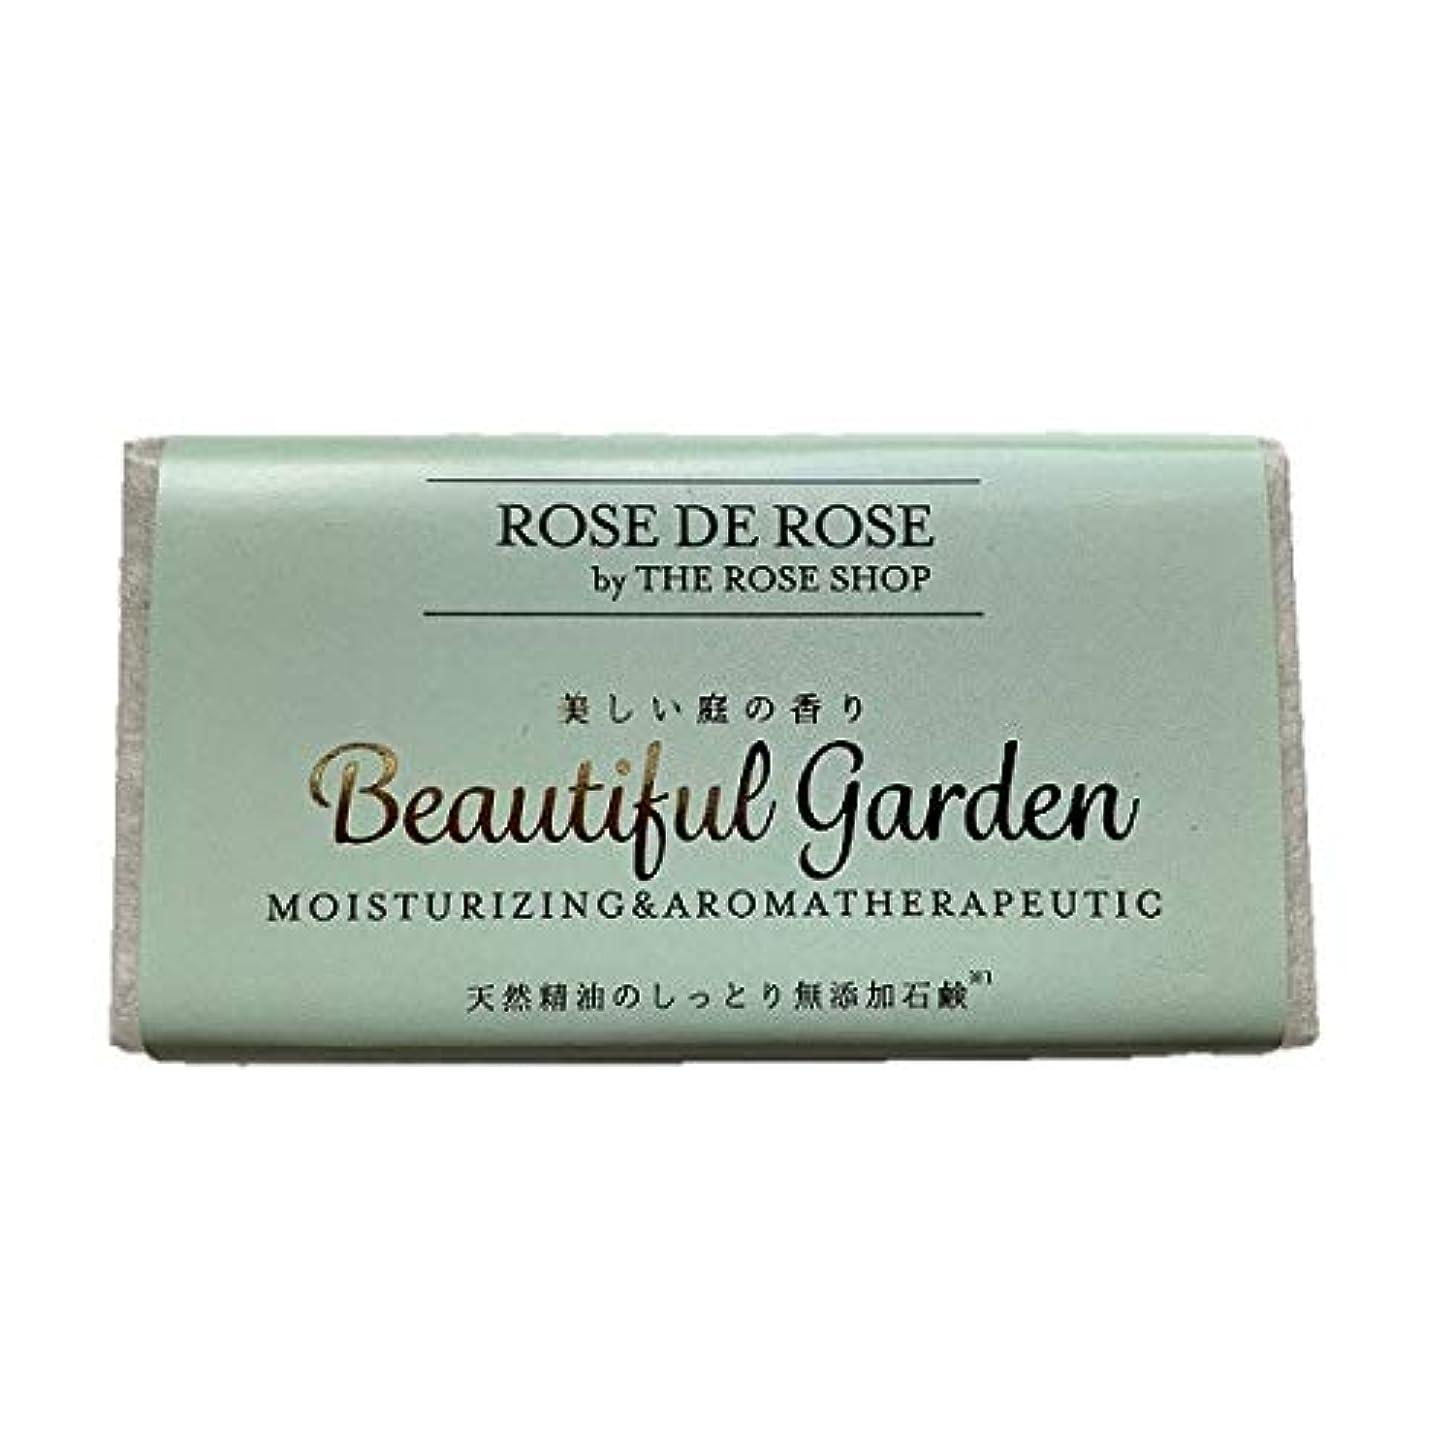 確立します進化ティッシュ天然精油の無添加石鹸 「美しい庭の香り ビューティフルガーデン」3個セット